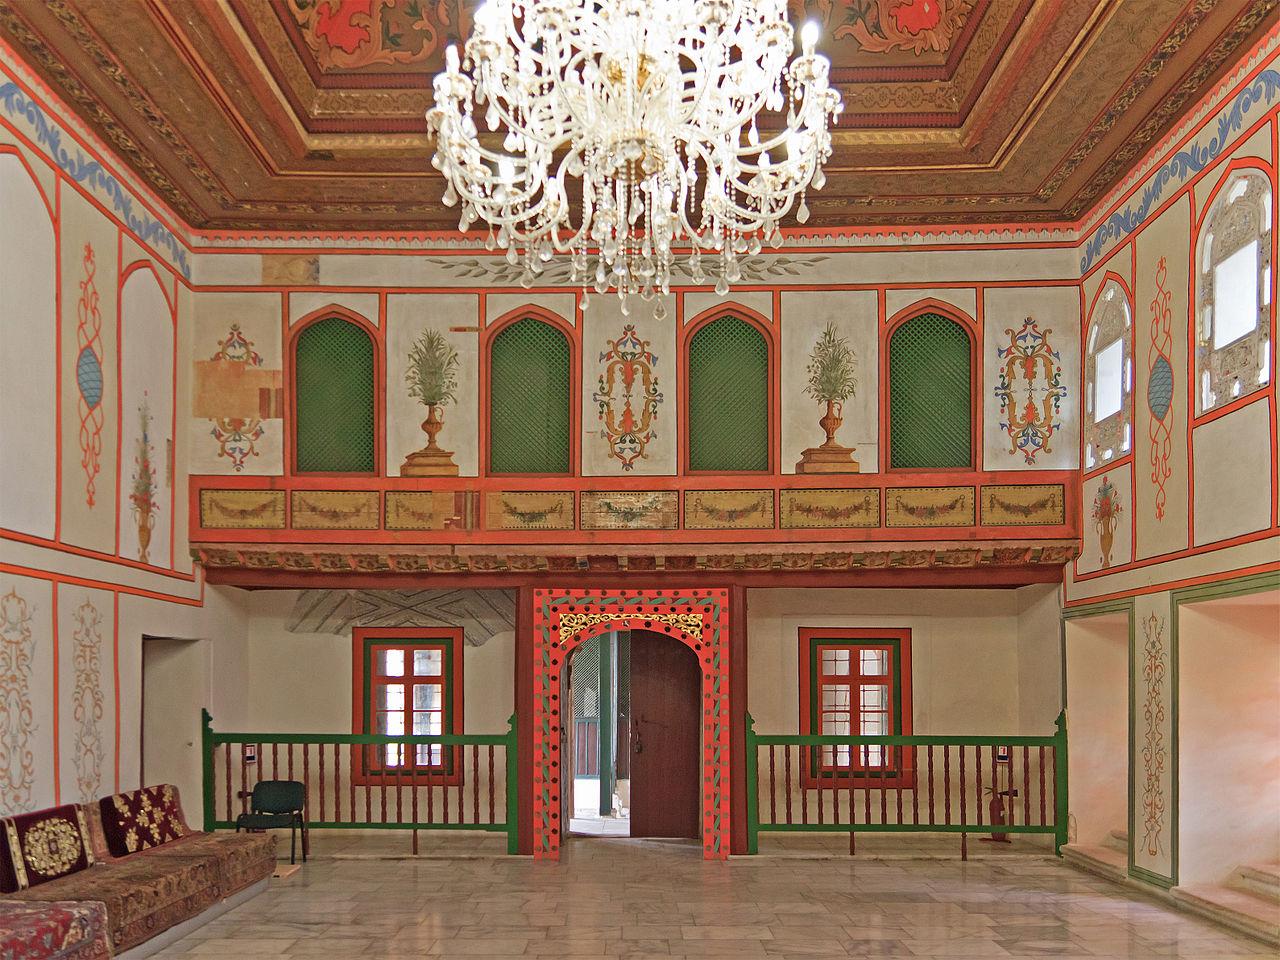 Бахчисарайский дворец, Диванный зал в Ханском дворце